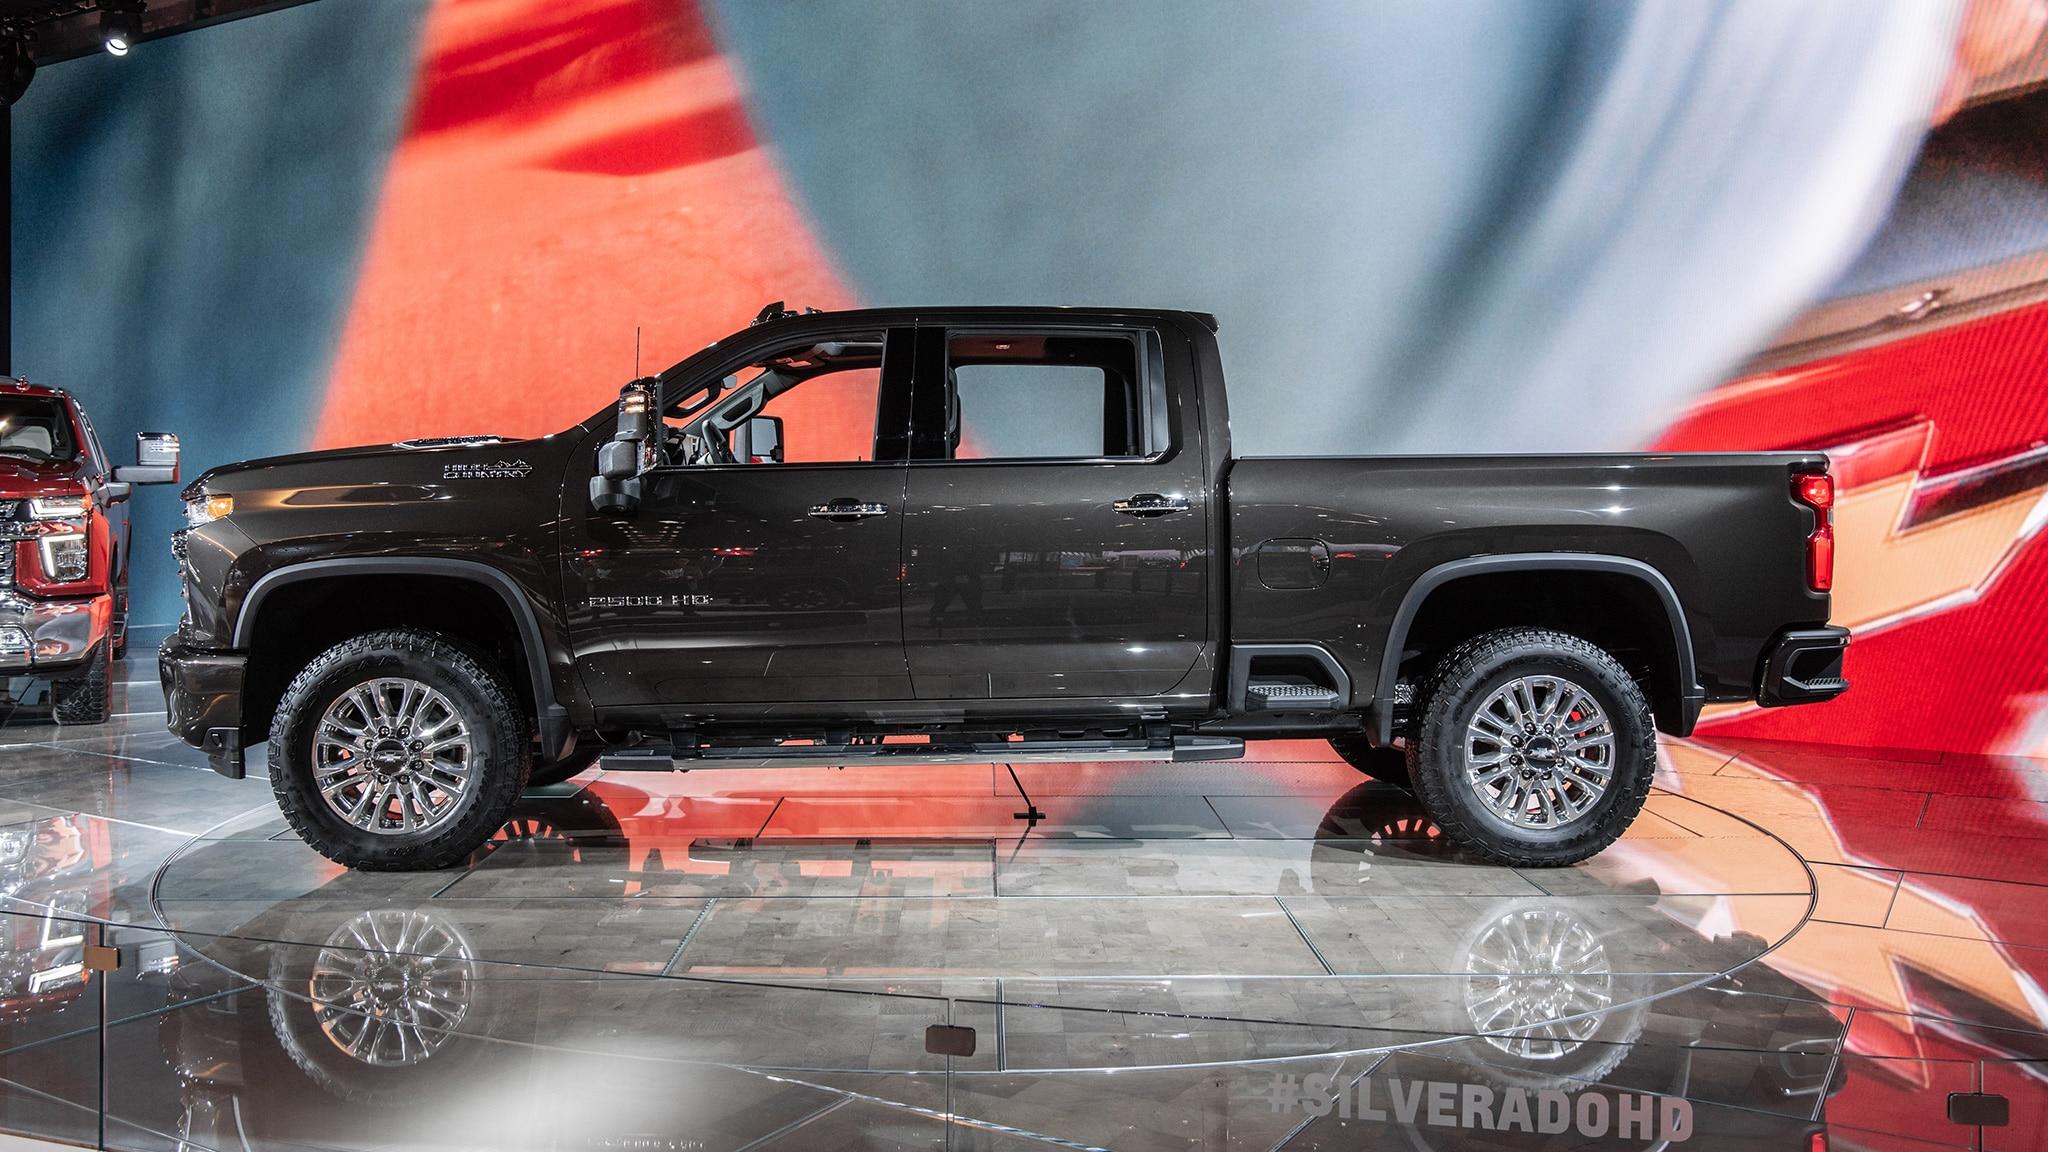 2020 Chevrolet Silverado HD Debuts: Big-Time Max Towing | Automobile Magazine